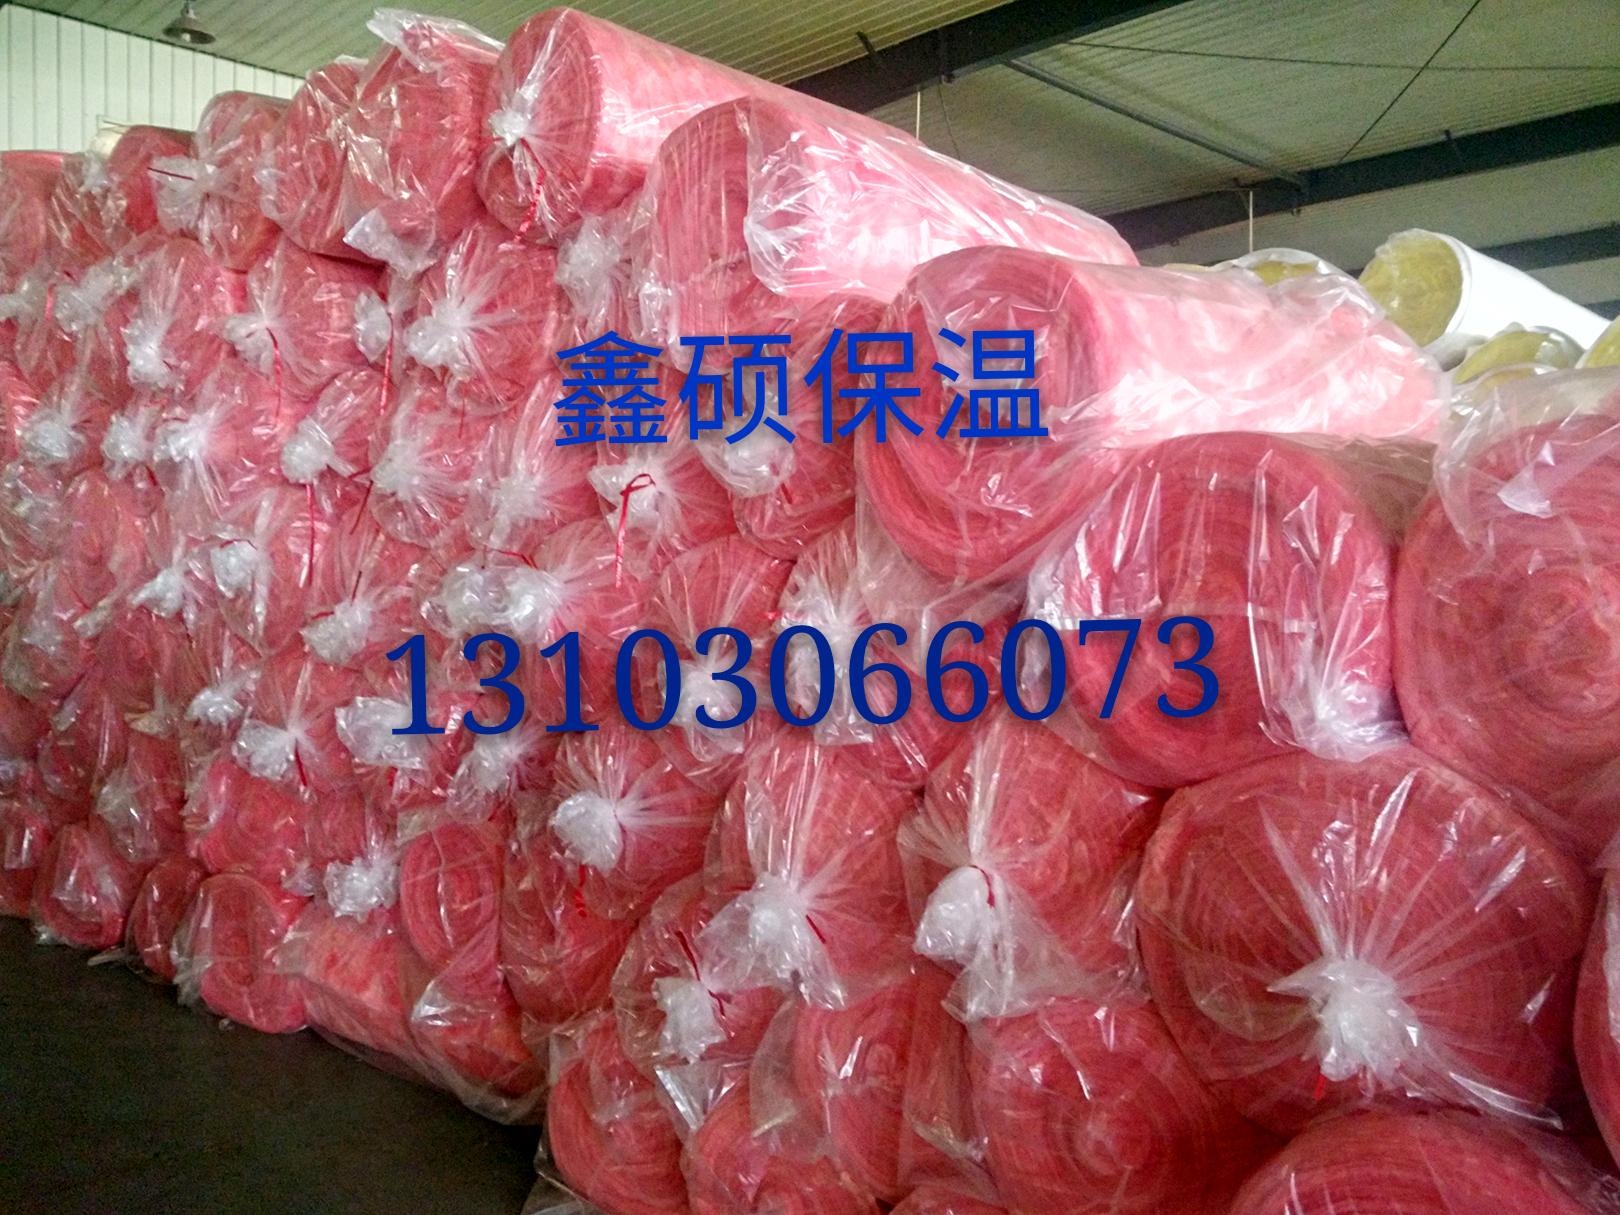 15KG耐高温玻璃棉卷毡用途,河北耐高温玻璃棉生产厂家供应价格